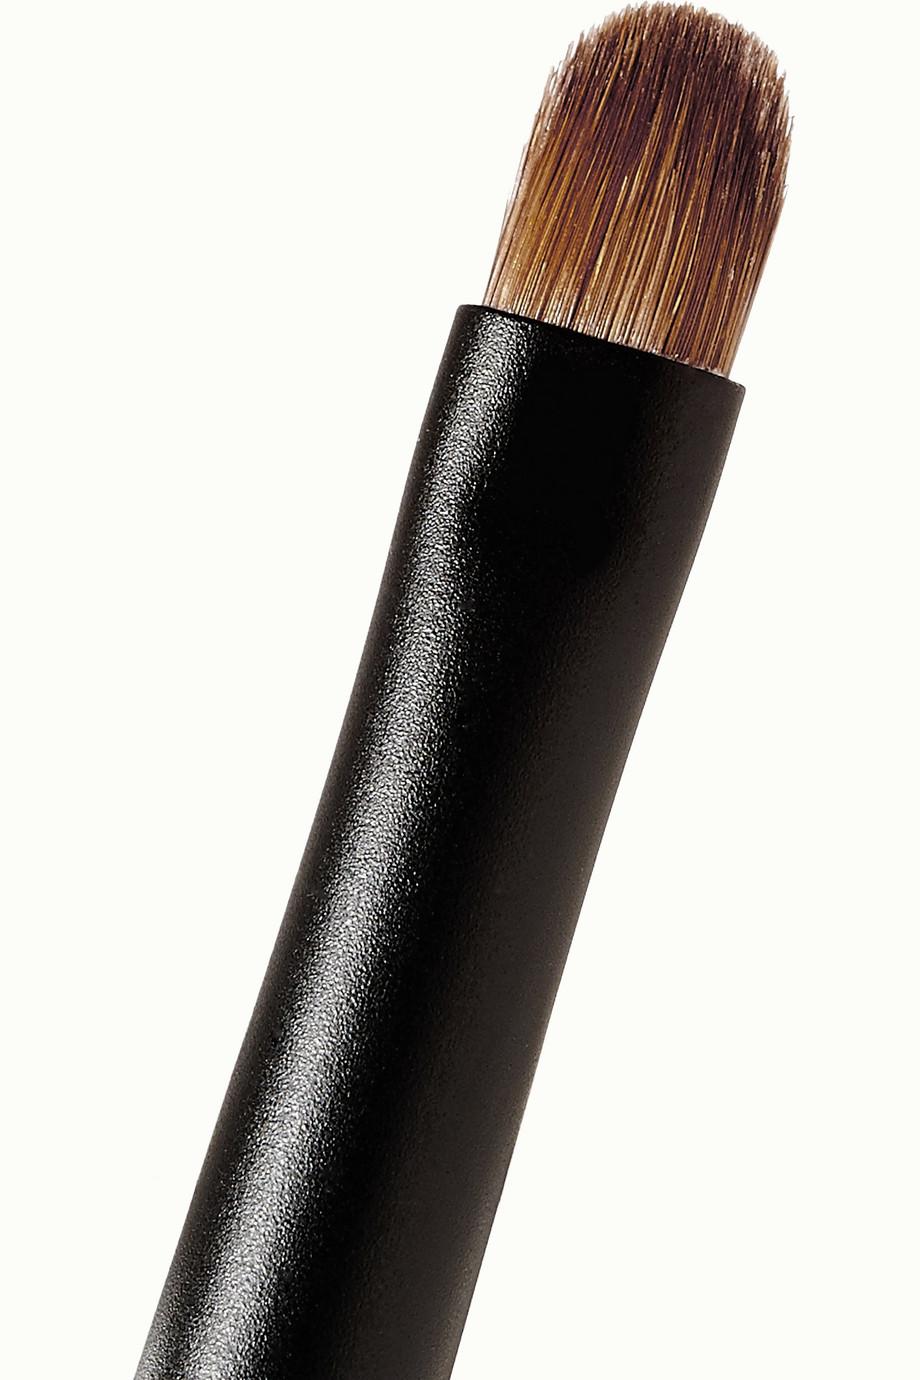 Surratt Beauty Artistique Concealer Brush Petite